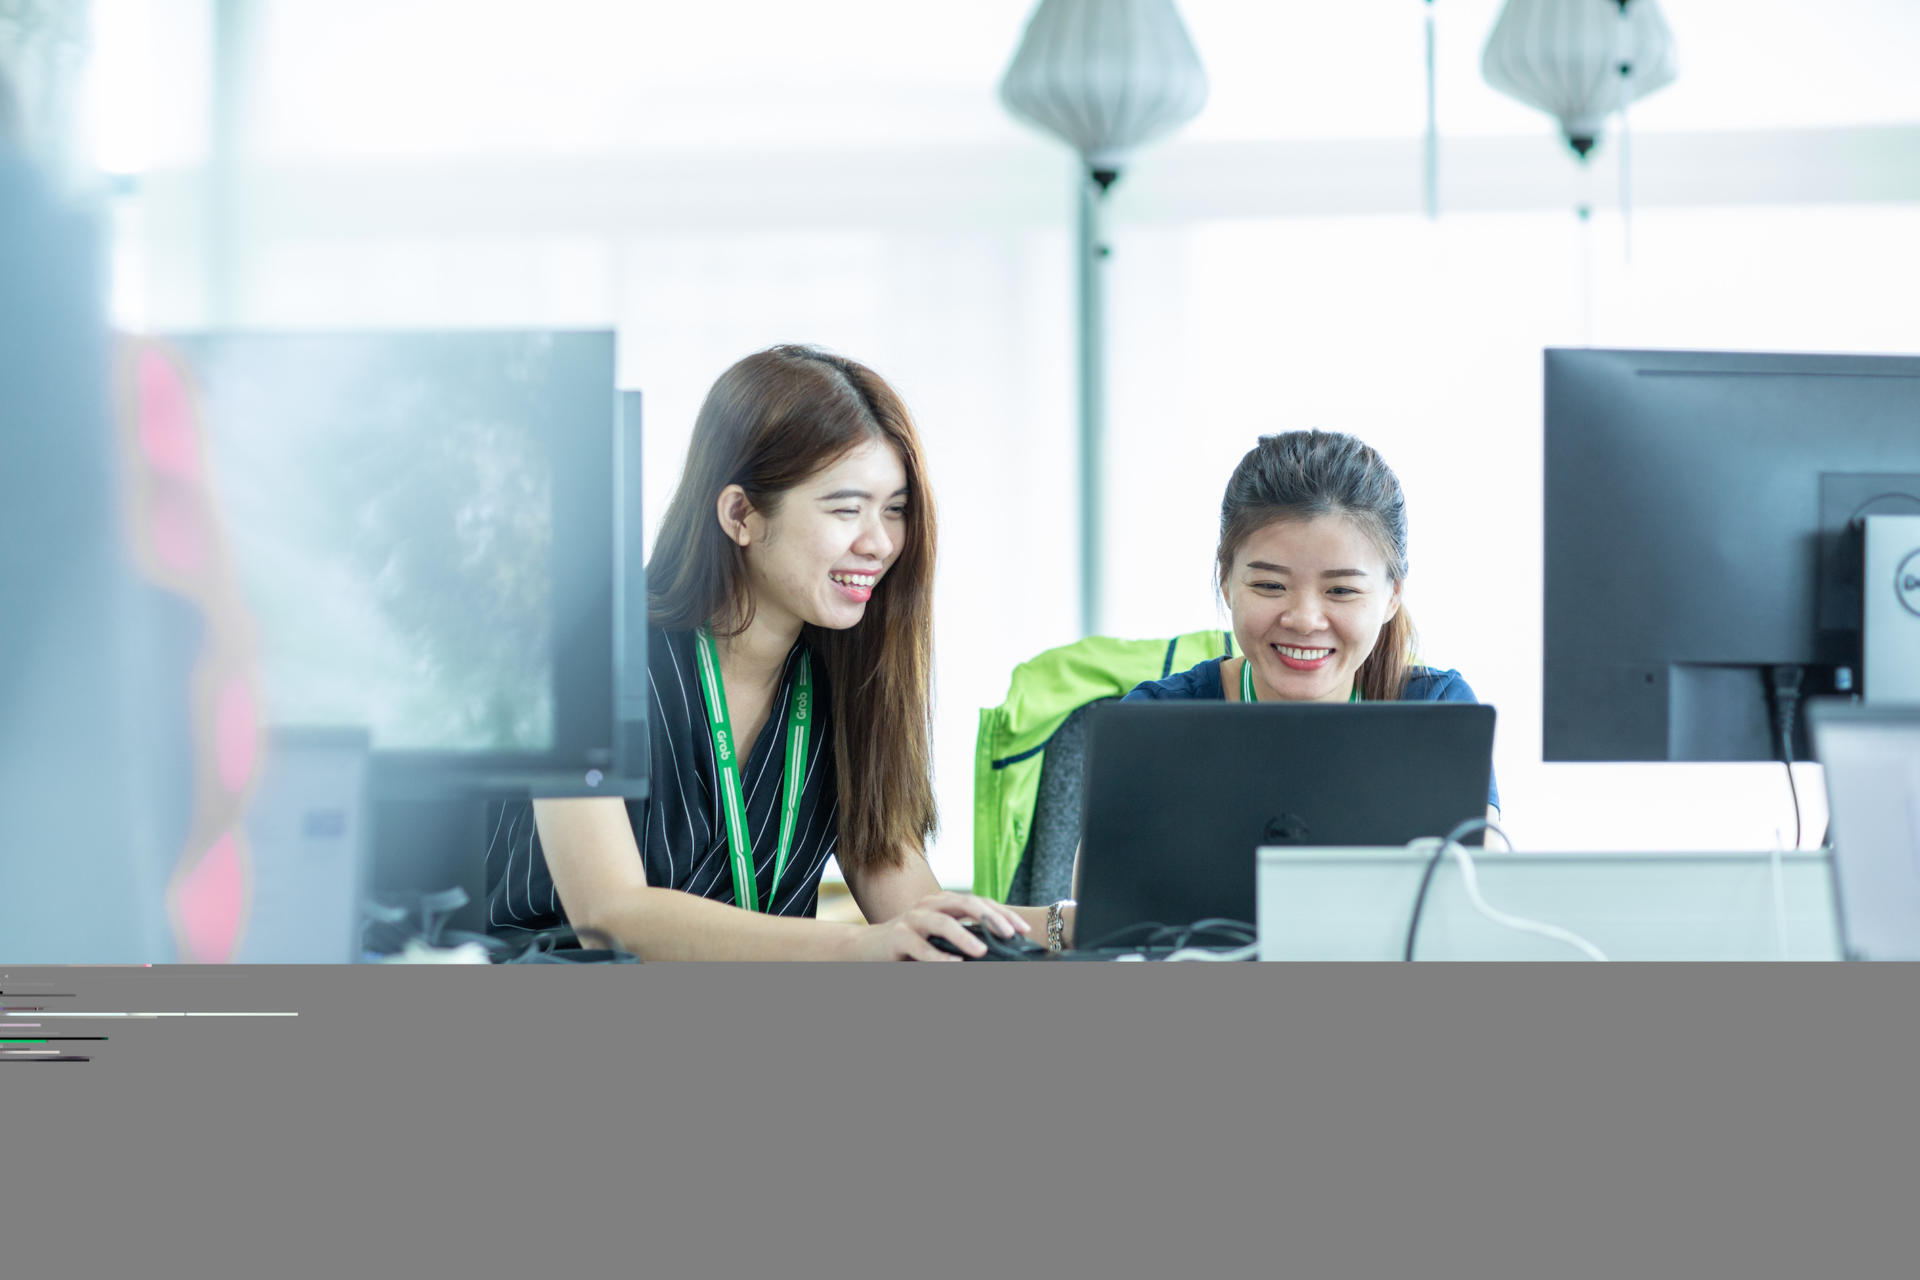 Grab Việt Nam ra mắt Grab Future Unicorn, chương trình Kỳ Lân Tập Sự 2021 mùa đầu tiên